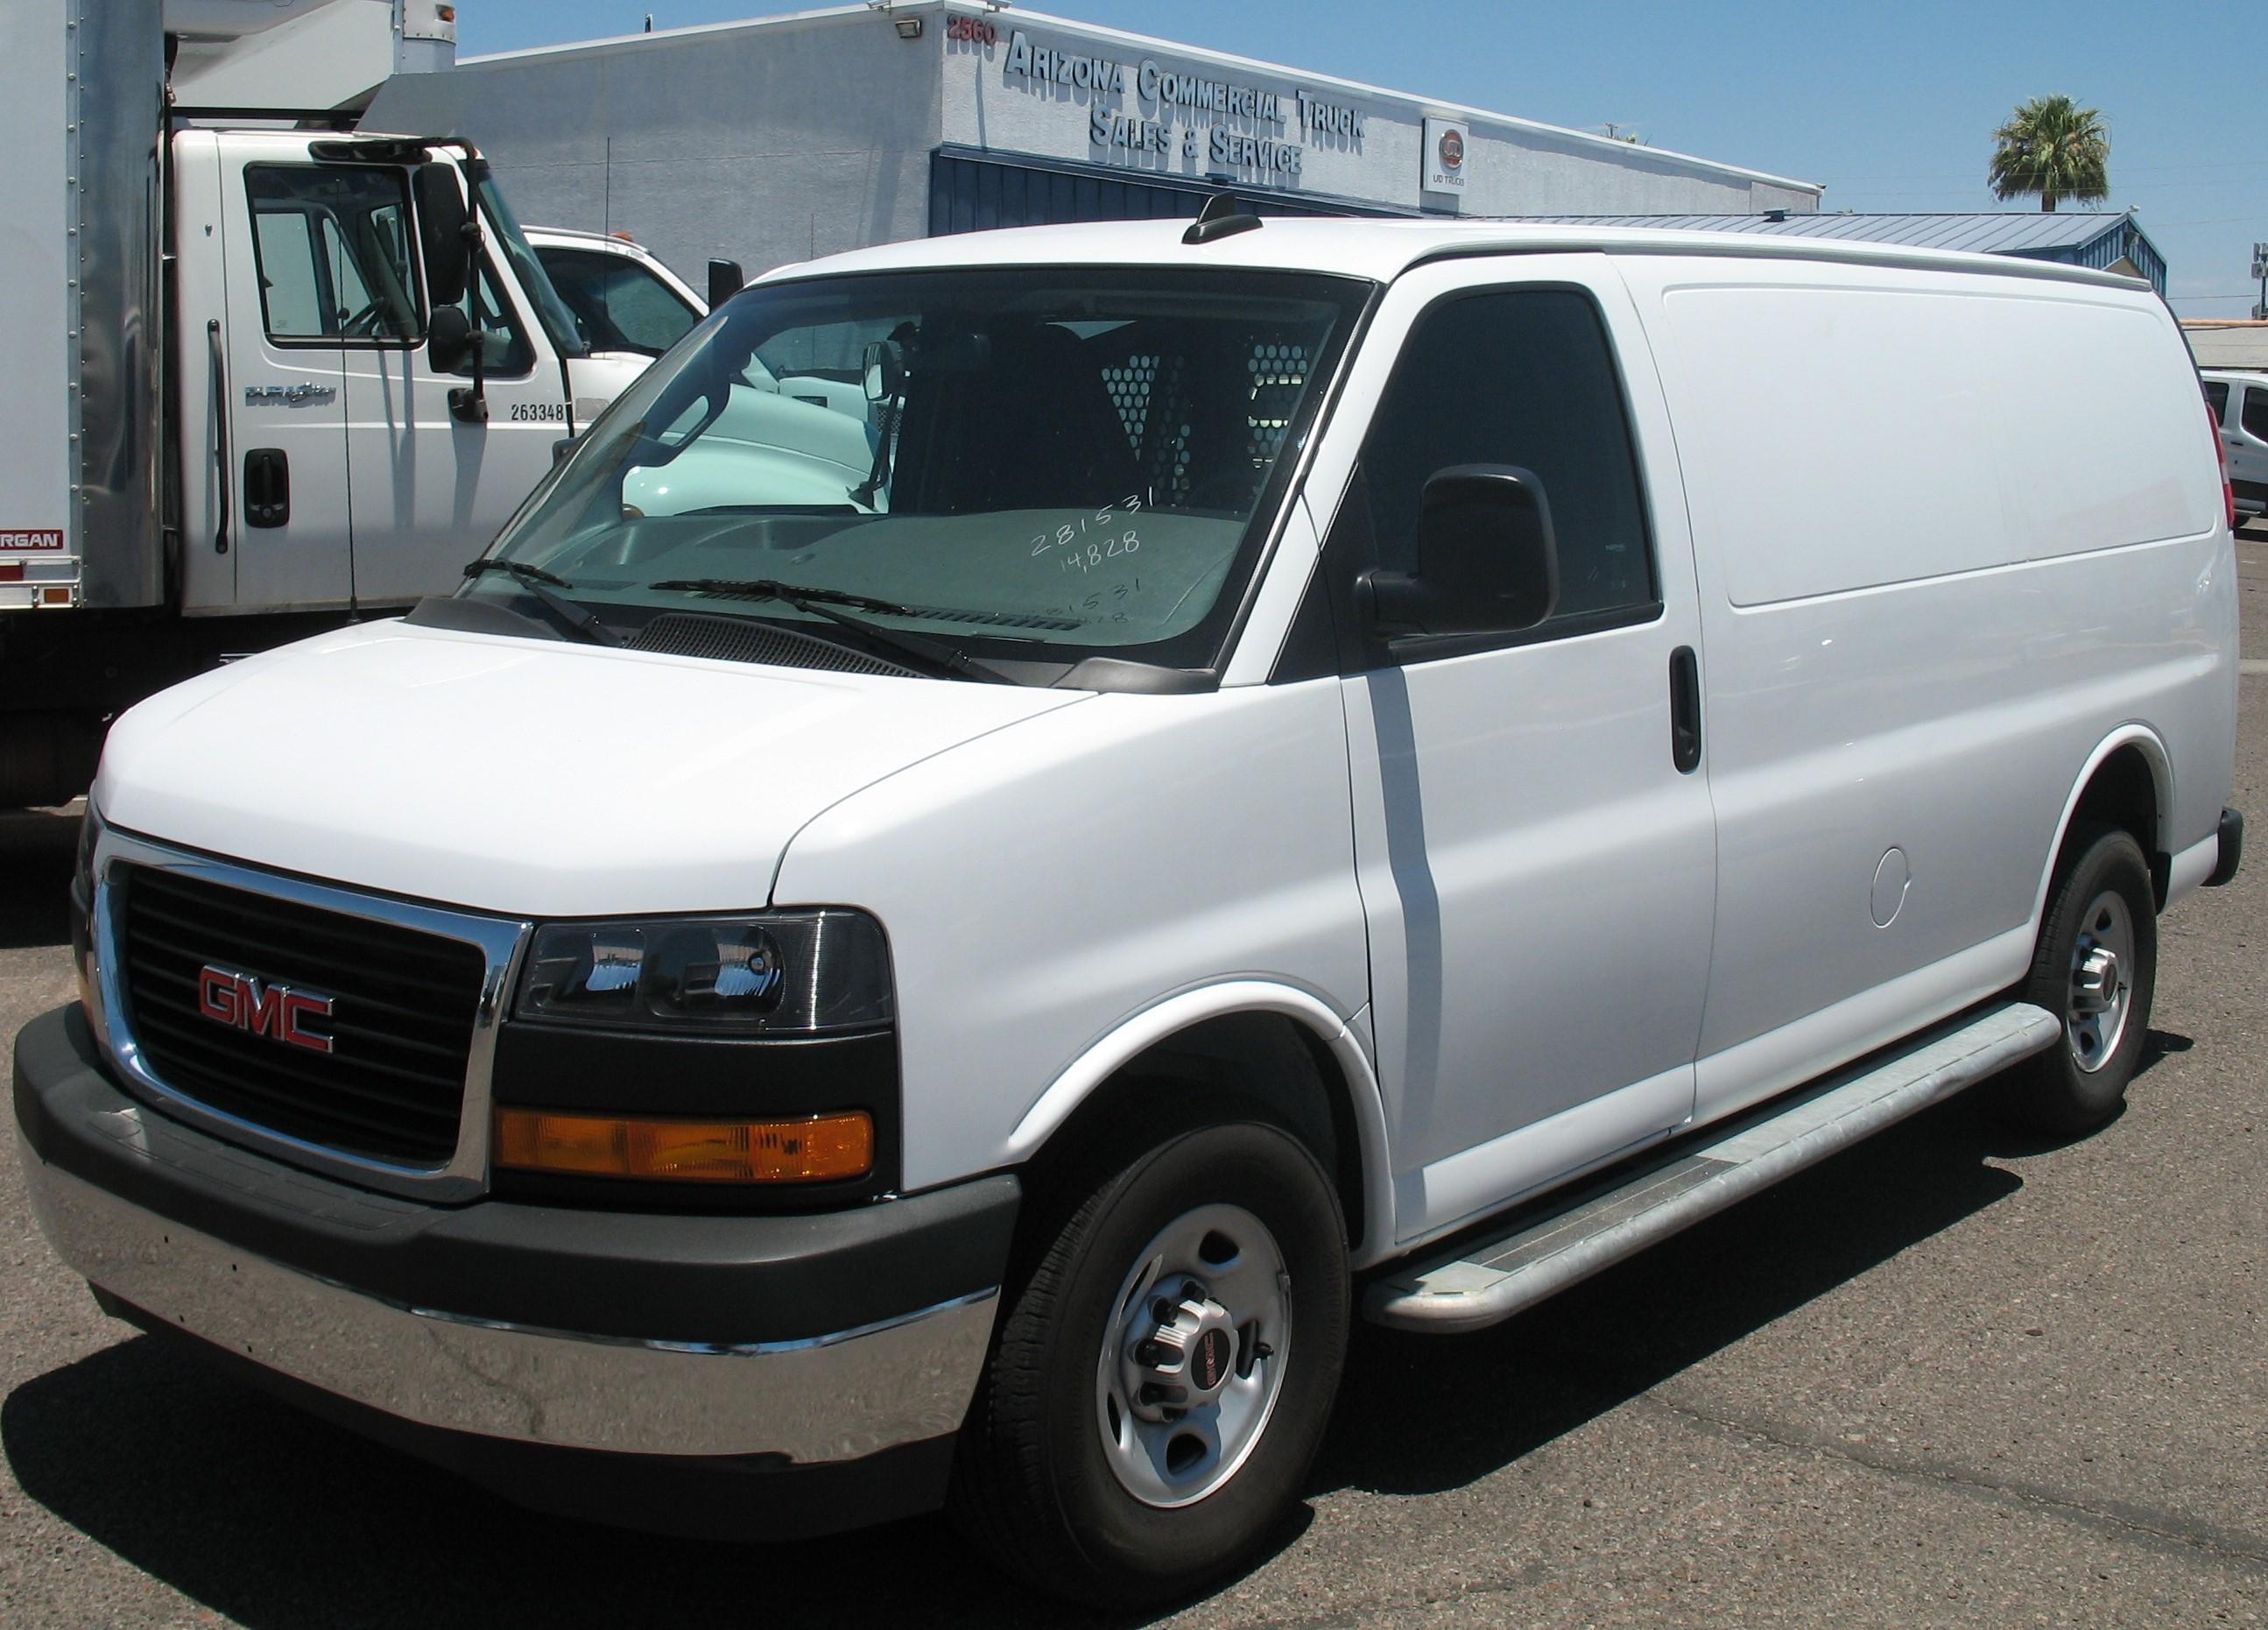 Used, 2019, GMC, G2500 Savana, Van Trucks